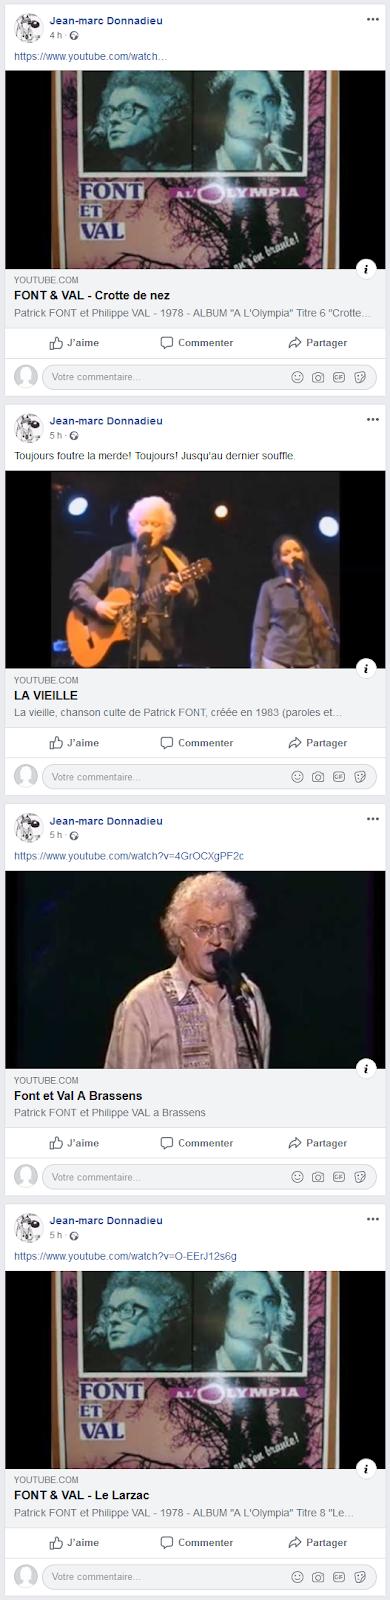 Jean-Marc Donnadieu rend hommage au pédophile Patrick Font dans Corruption Hommage%2B%25C3%25A0%2BFont%2B-%2B%252863%2529%2BJean-marc%2BDonnadieu%2B-%2Bwww.facebook.com